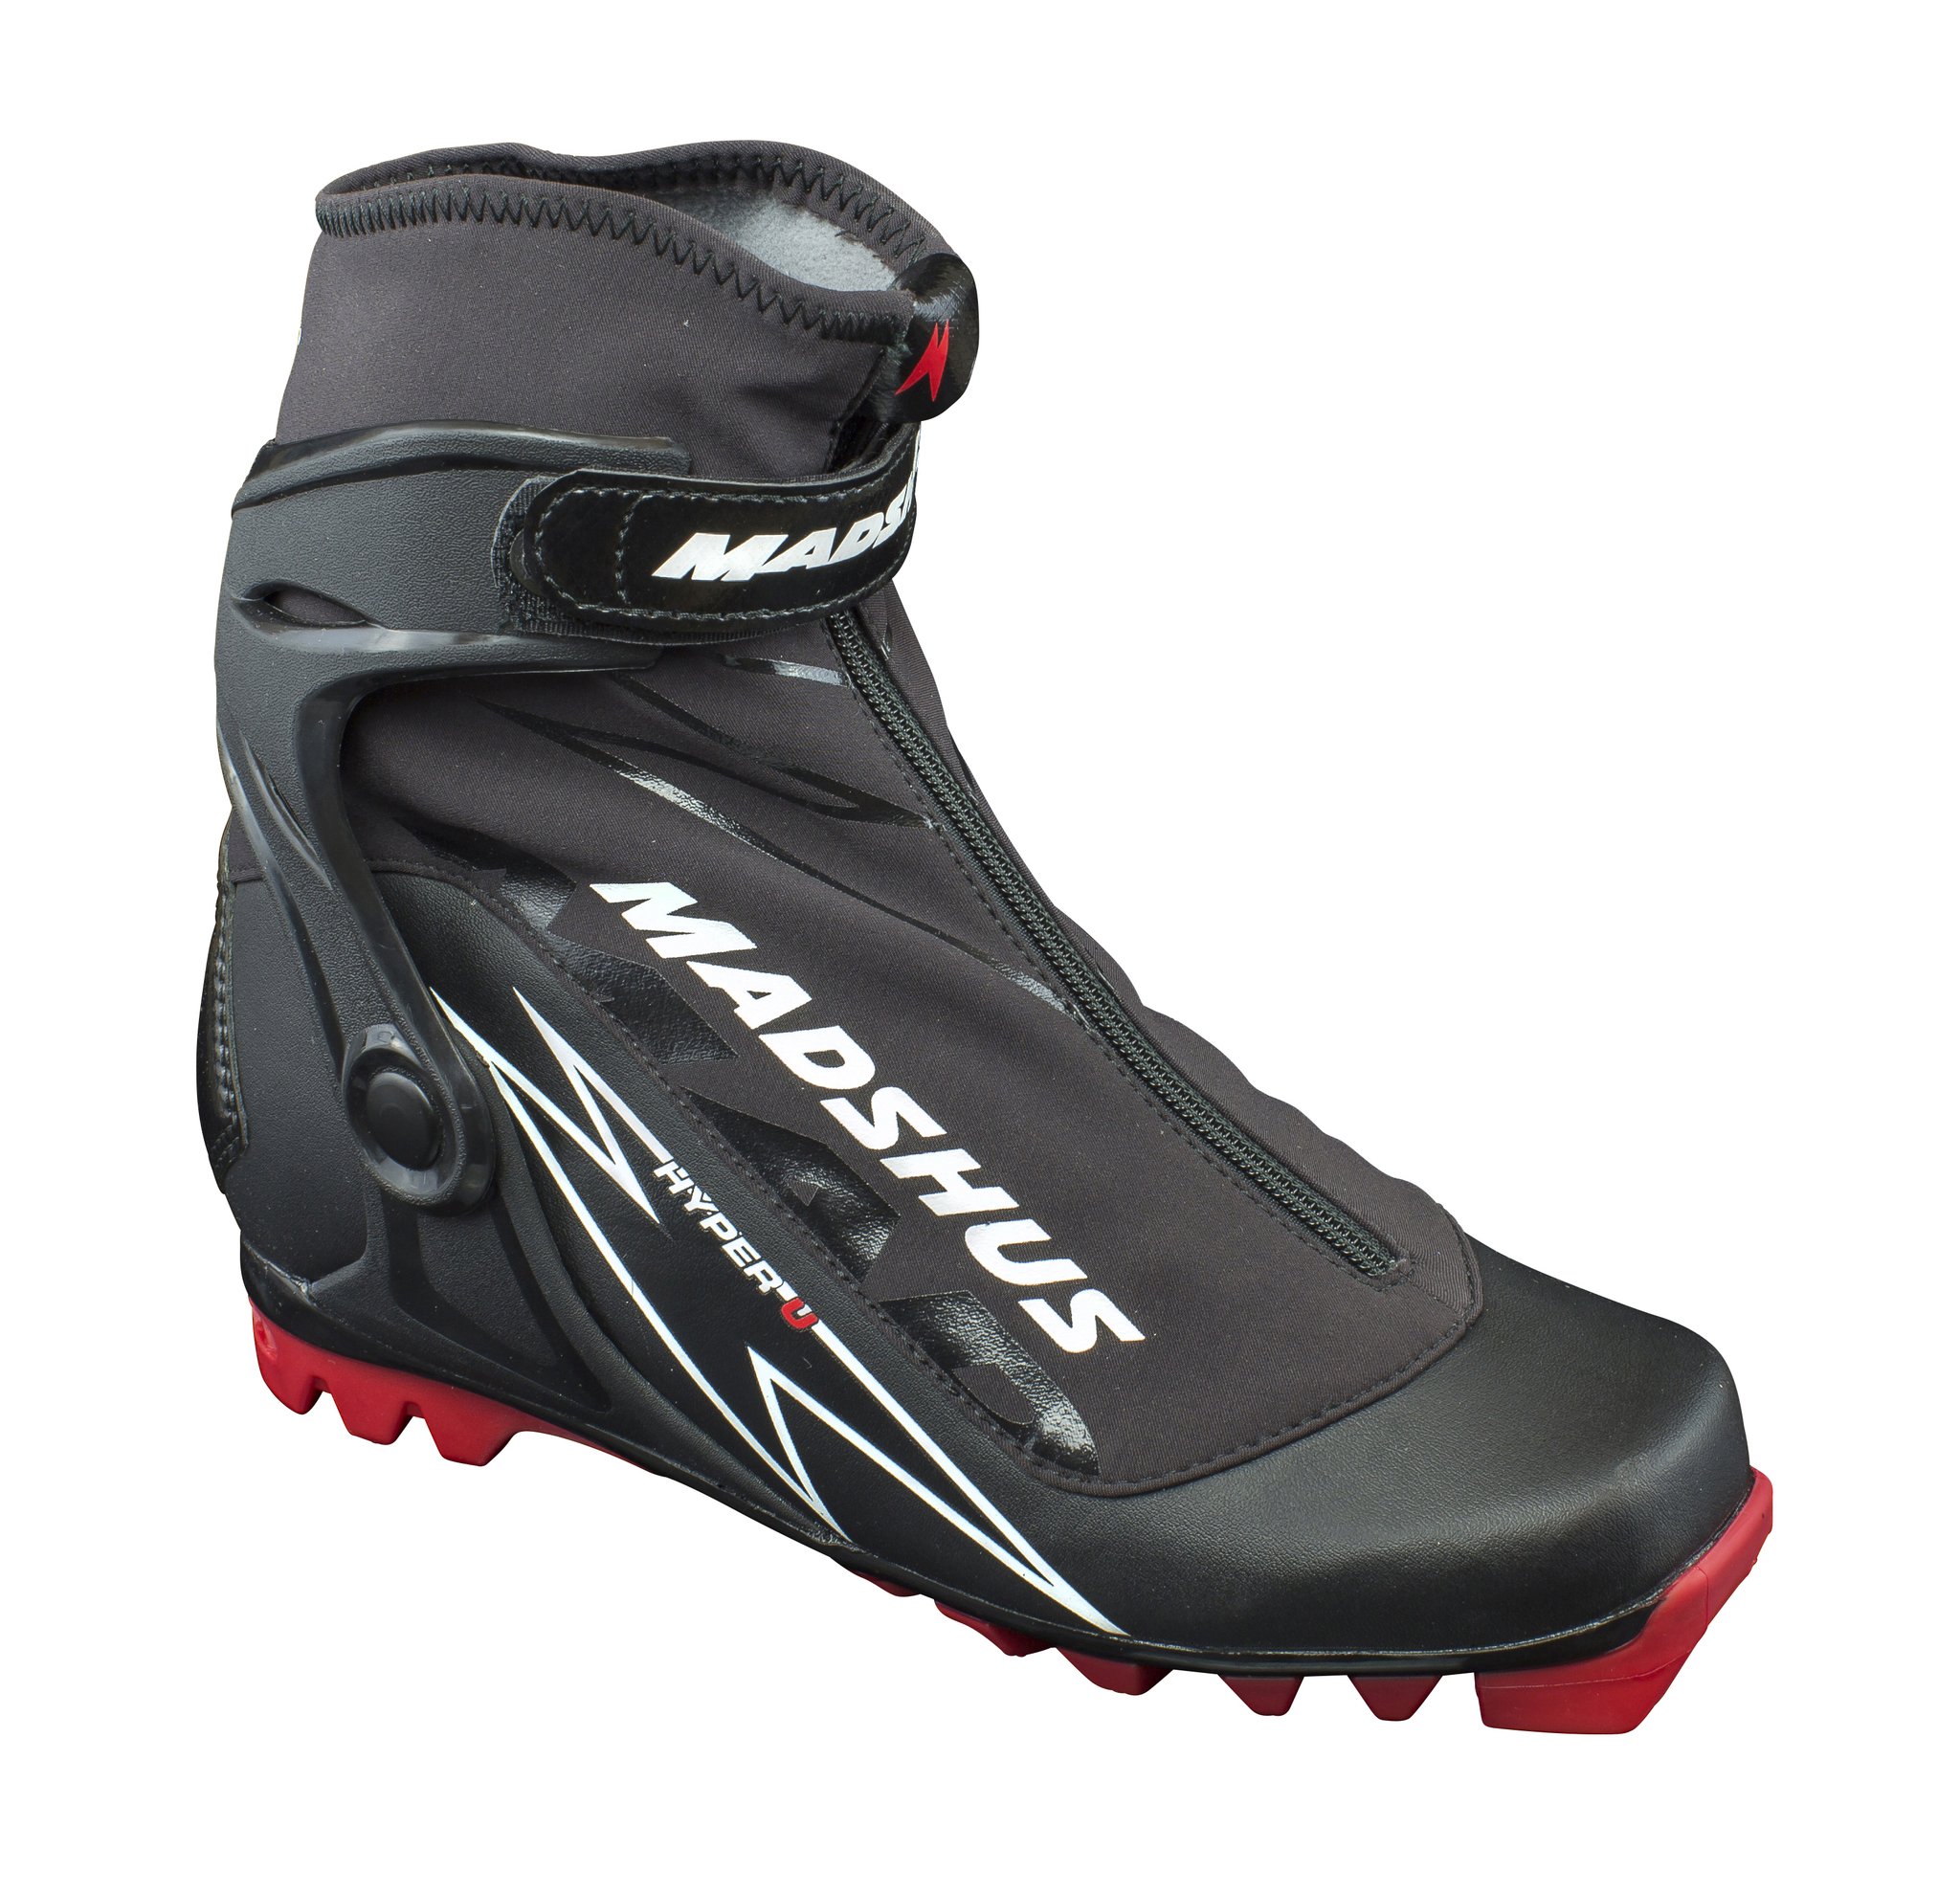 Ботинки лыжные Madshus Hyper U